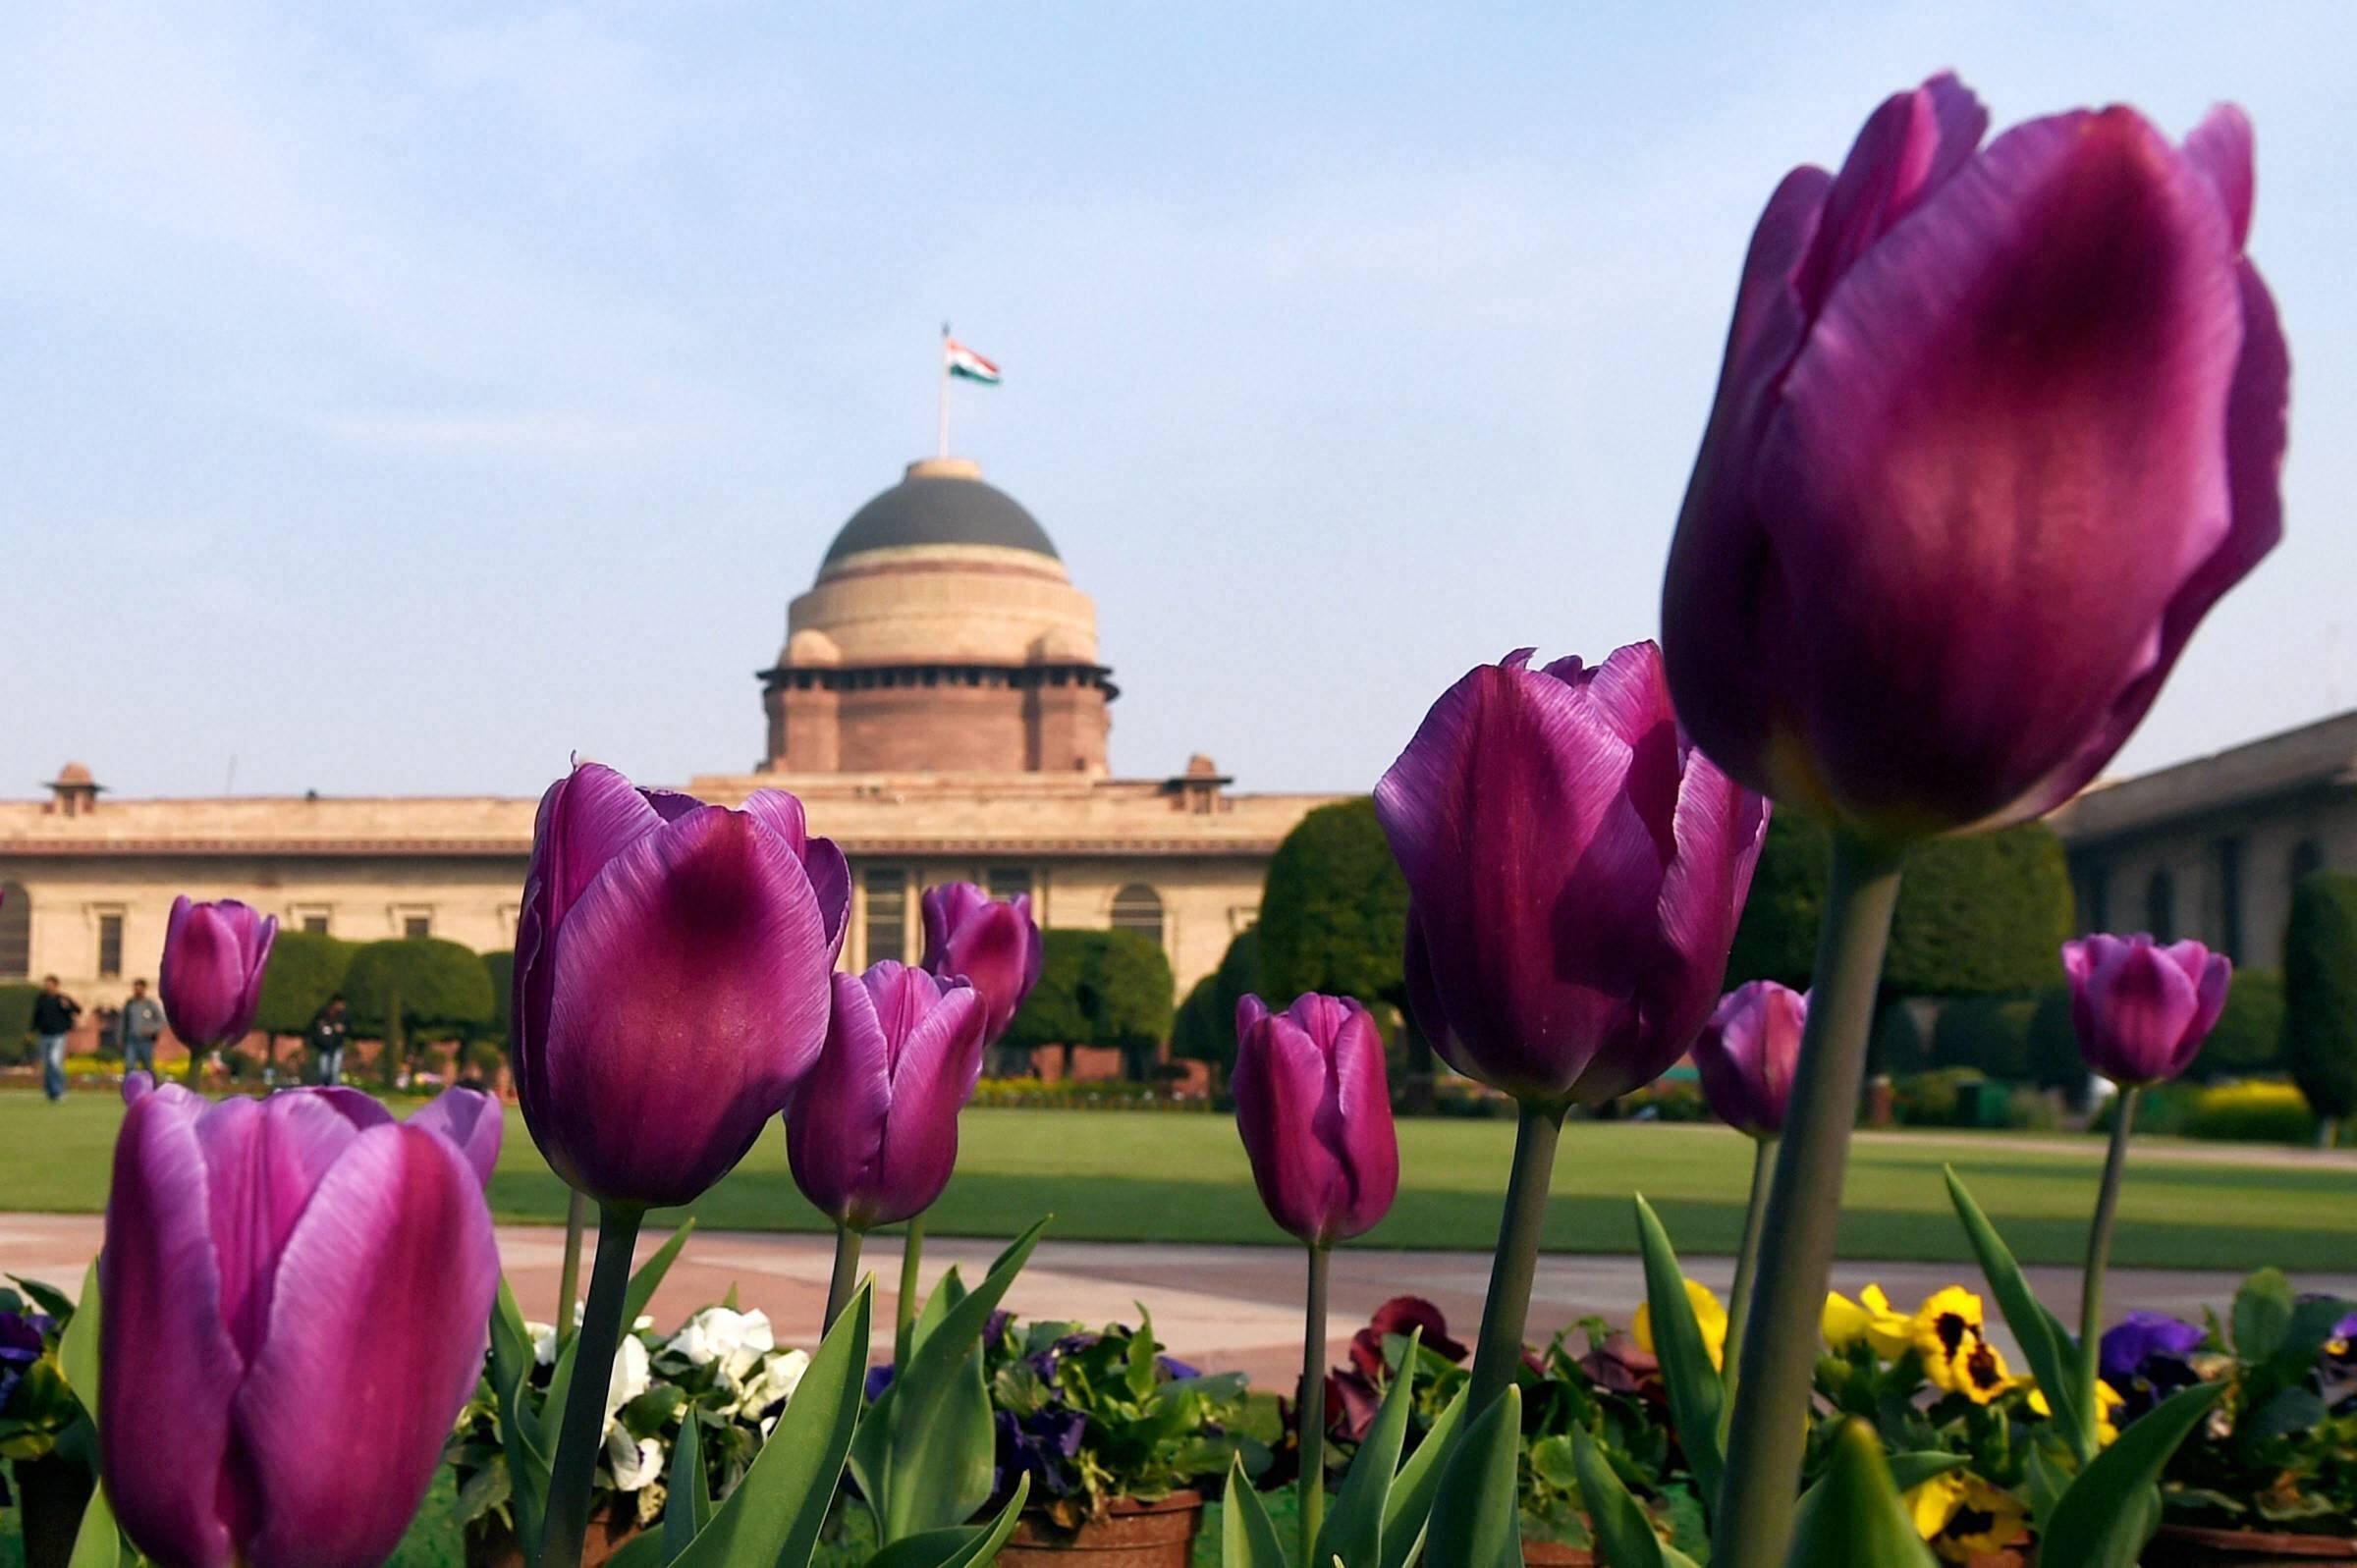 देखें विश्व प्रसिद्ध  'मुगल गार्डन' की खूबसूरत तस्वीरें